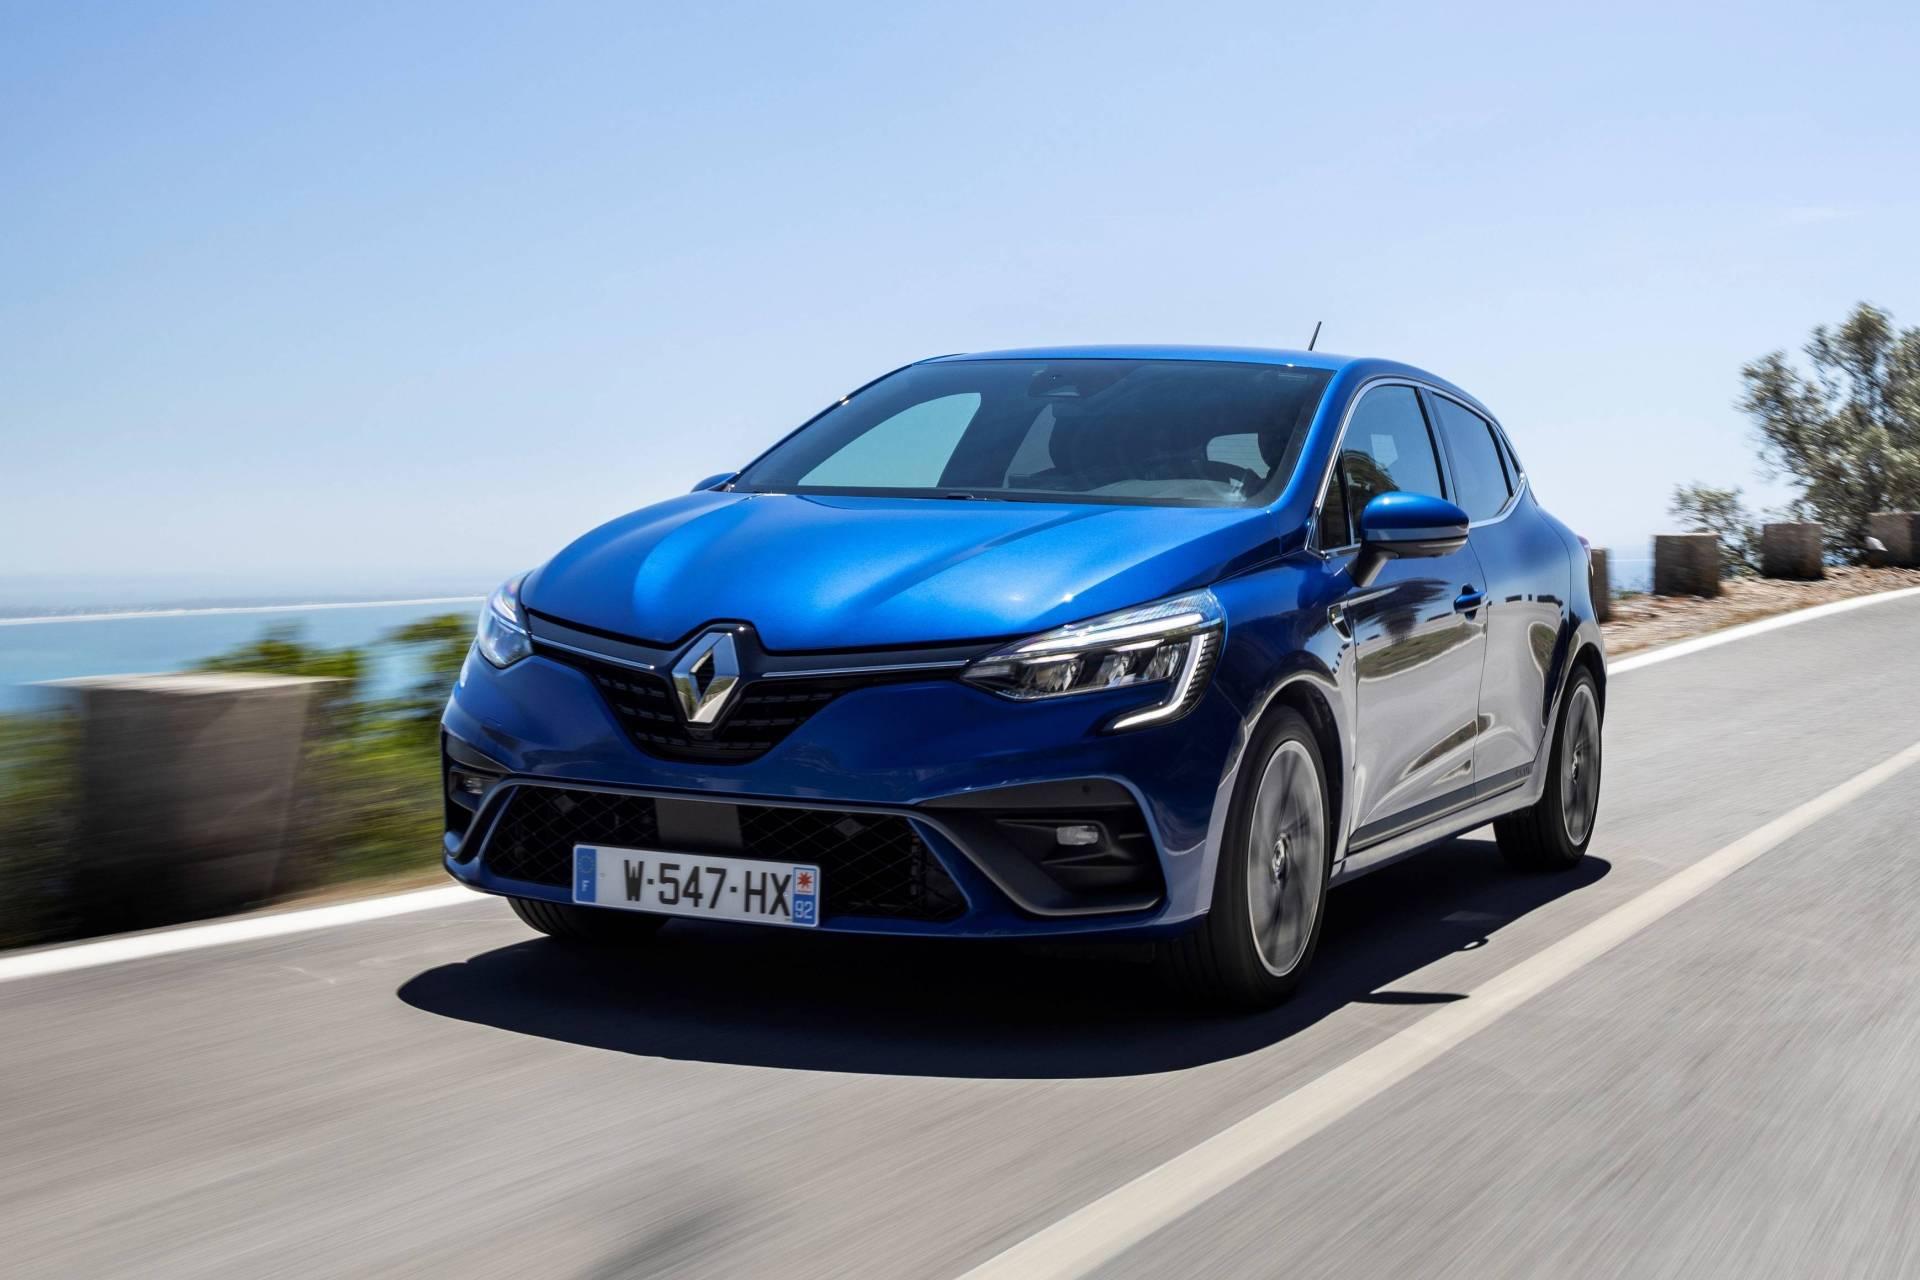 Renault Clio u RS Line izdanju s početnom cenom od 21.400 evra